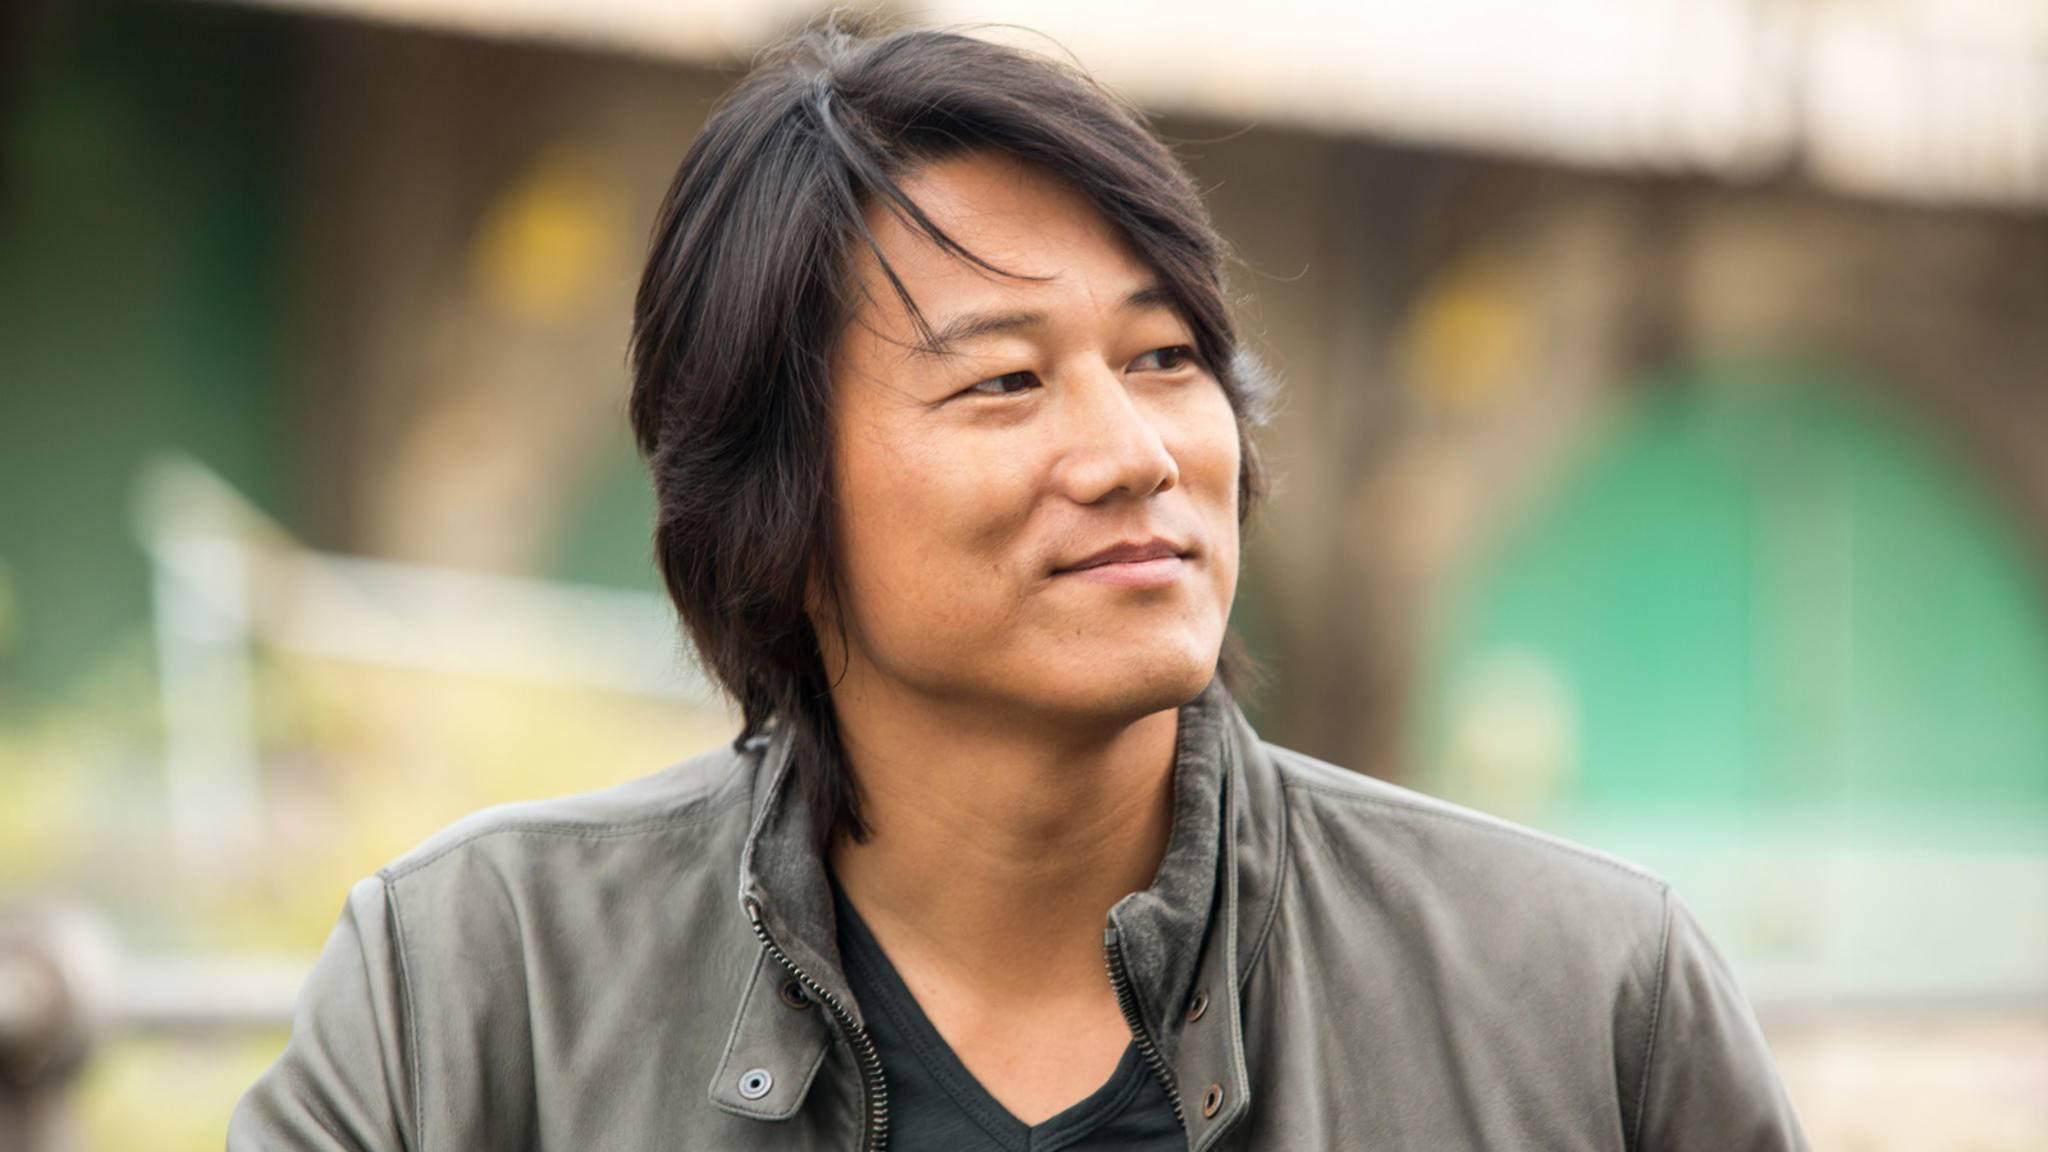 """Han (Sung Kang) ist eigentlich nicht mehr Teil des """"Fast & Furious""""-Franchise. Vielleicht bekommen wir ihn aber trotzdem noch einmal zu sehen."""